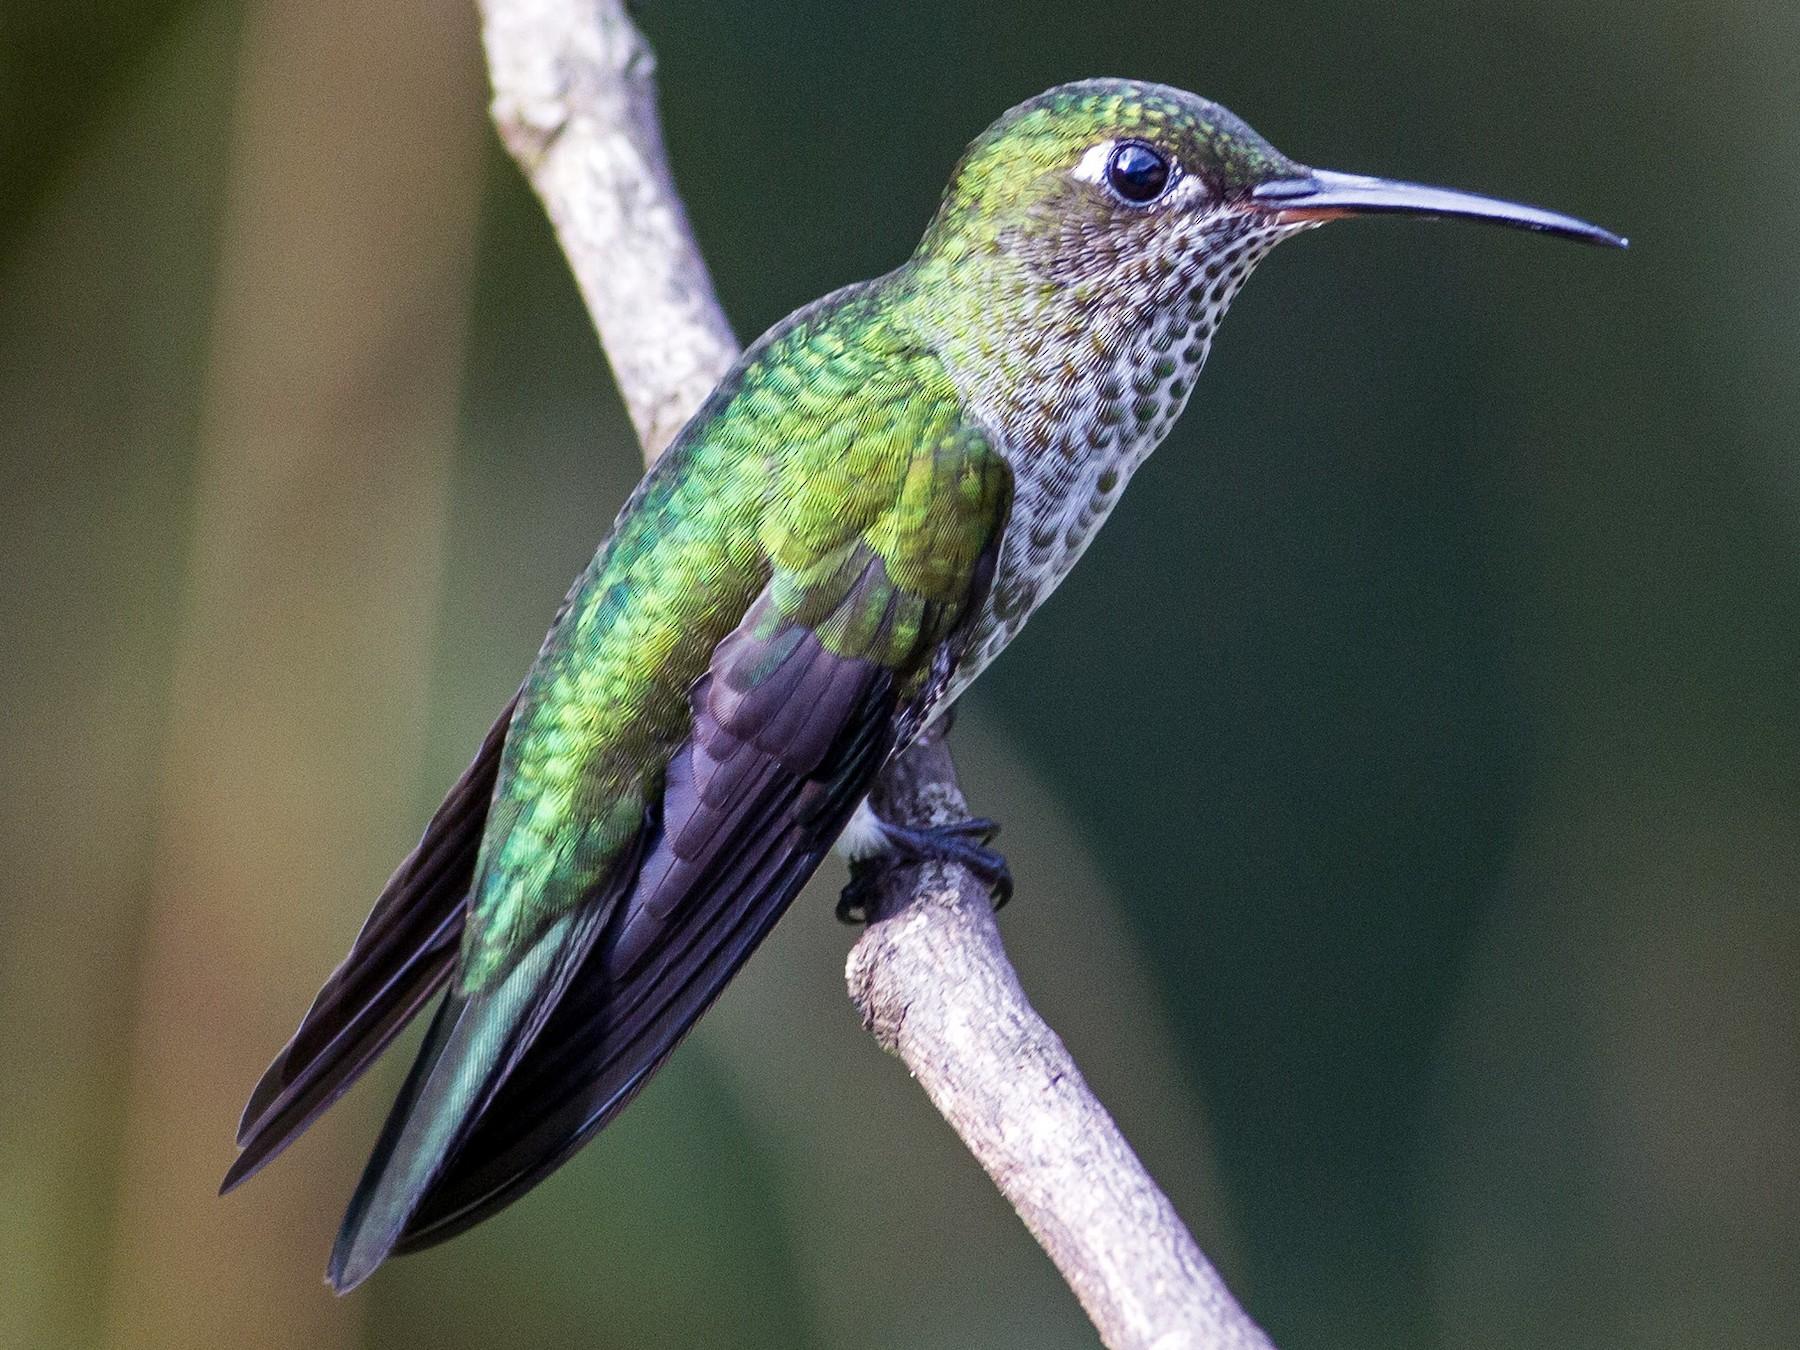 Many-spotted Hummingbird - Naseem Reza